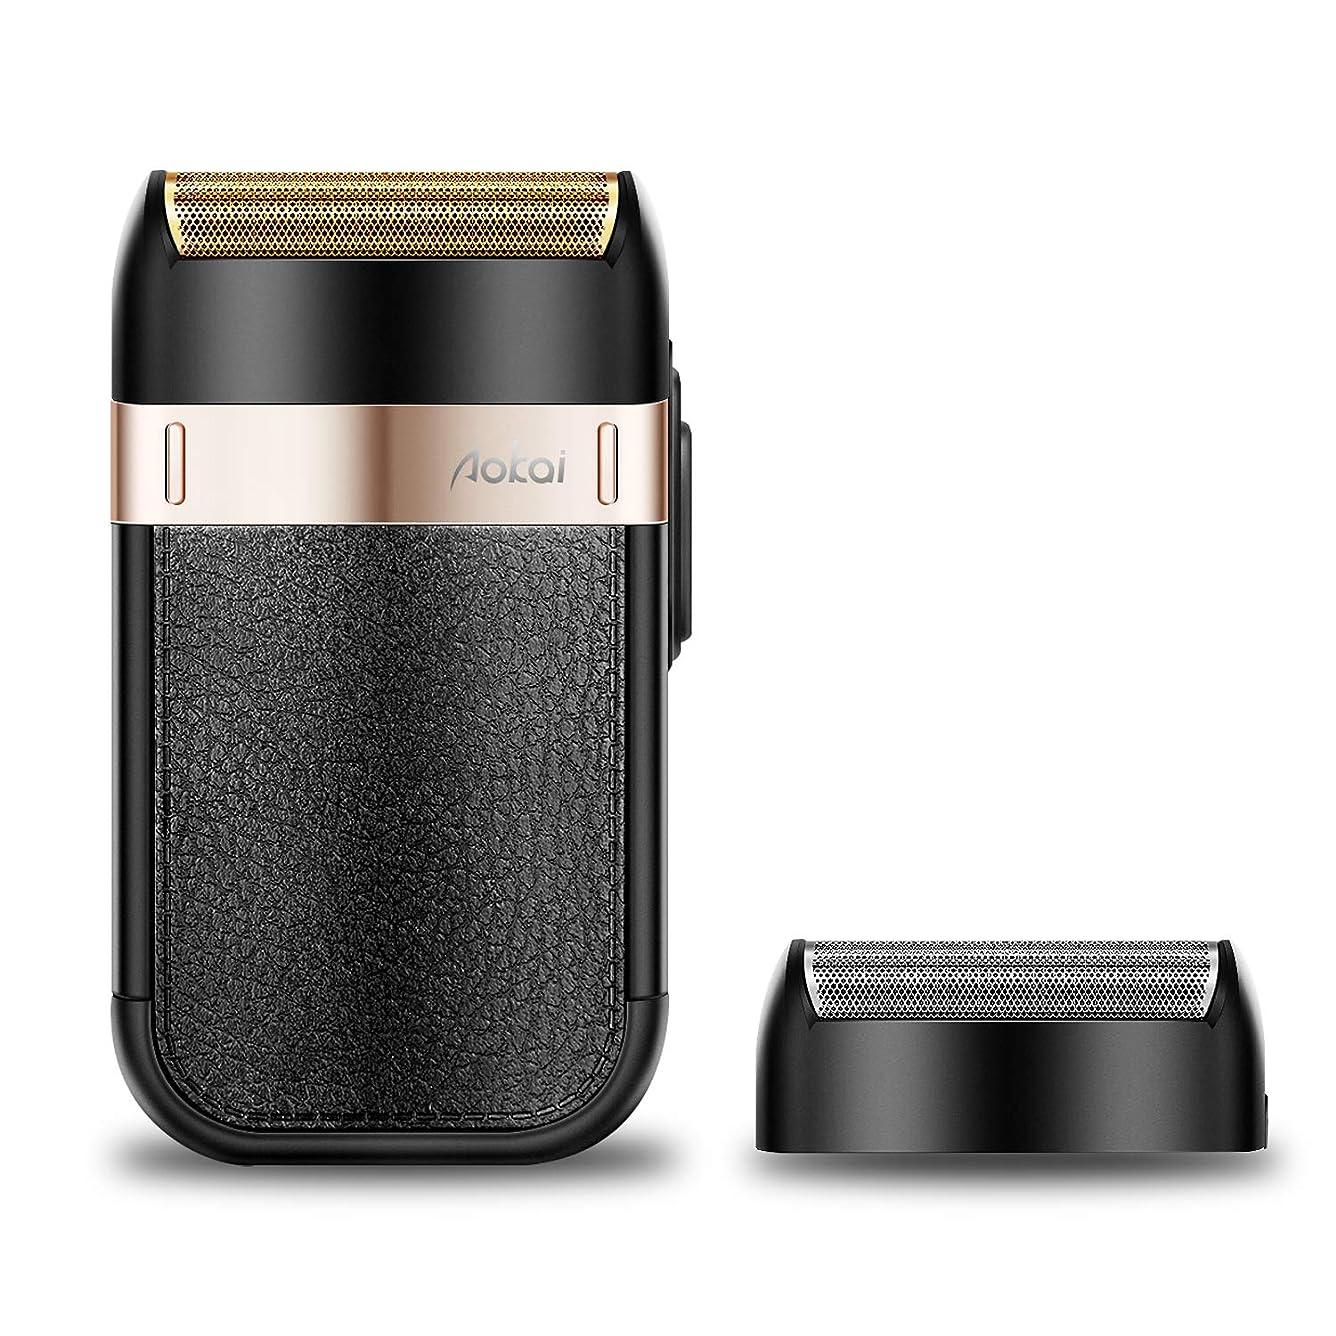 獣電話返還メンズシェーバー 充電·交流式 髭剃り 電気シェーバー 往復式 携帯ひげそり モバイル 防水基準 USB充電式 コンパクト 旅行用